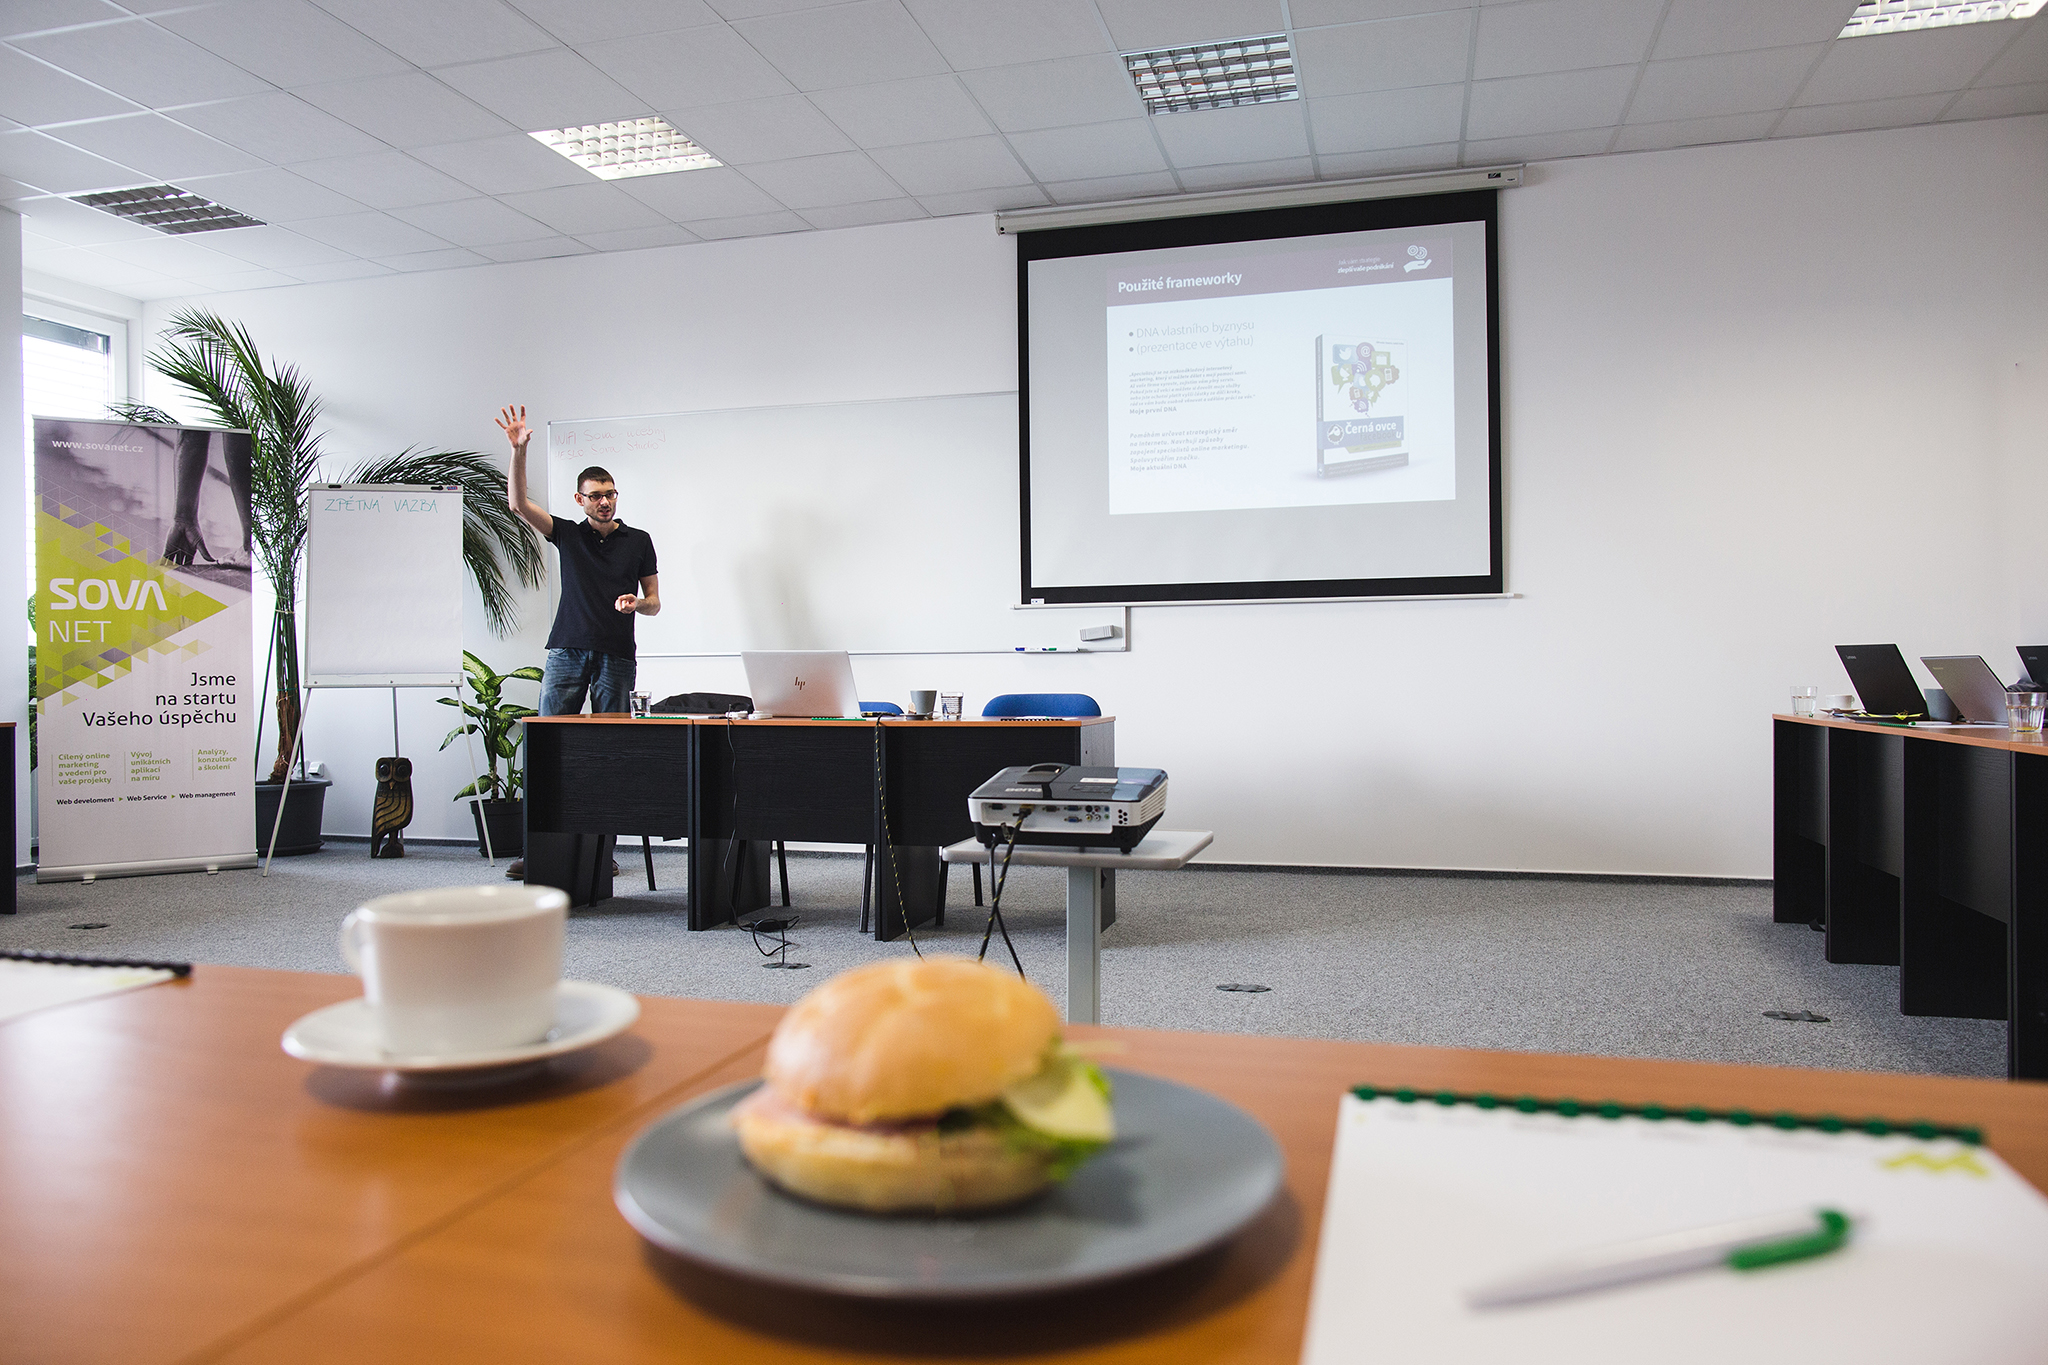 E - commerce snídaně s Radimem Hasalíkem